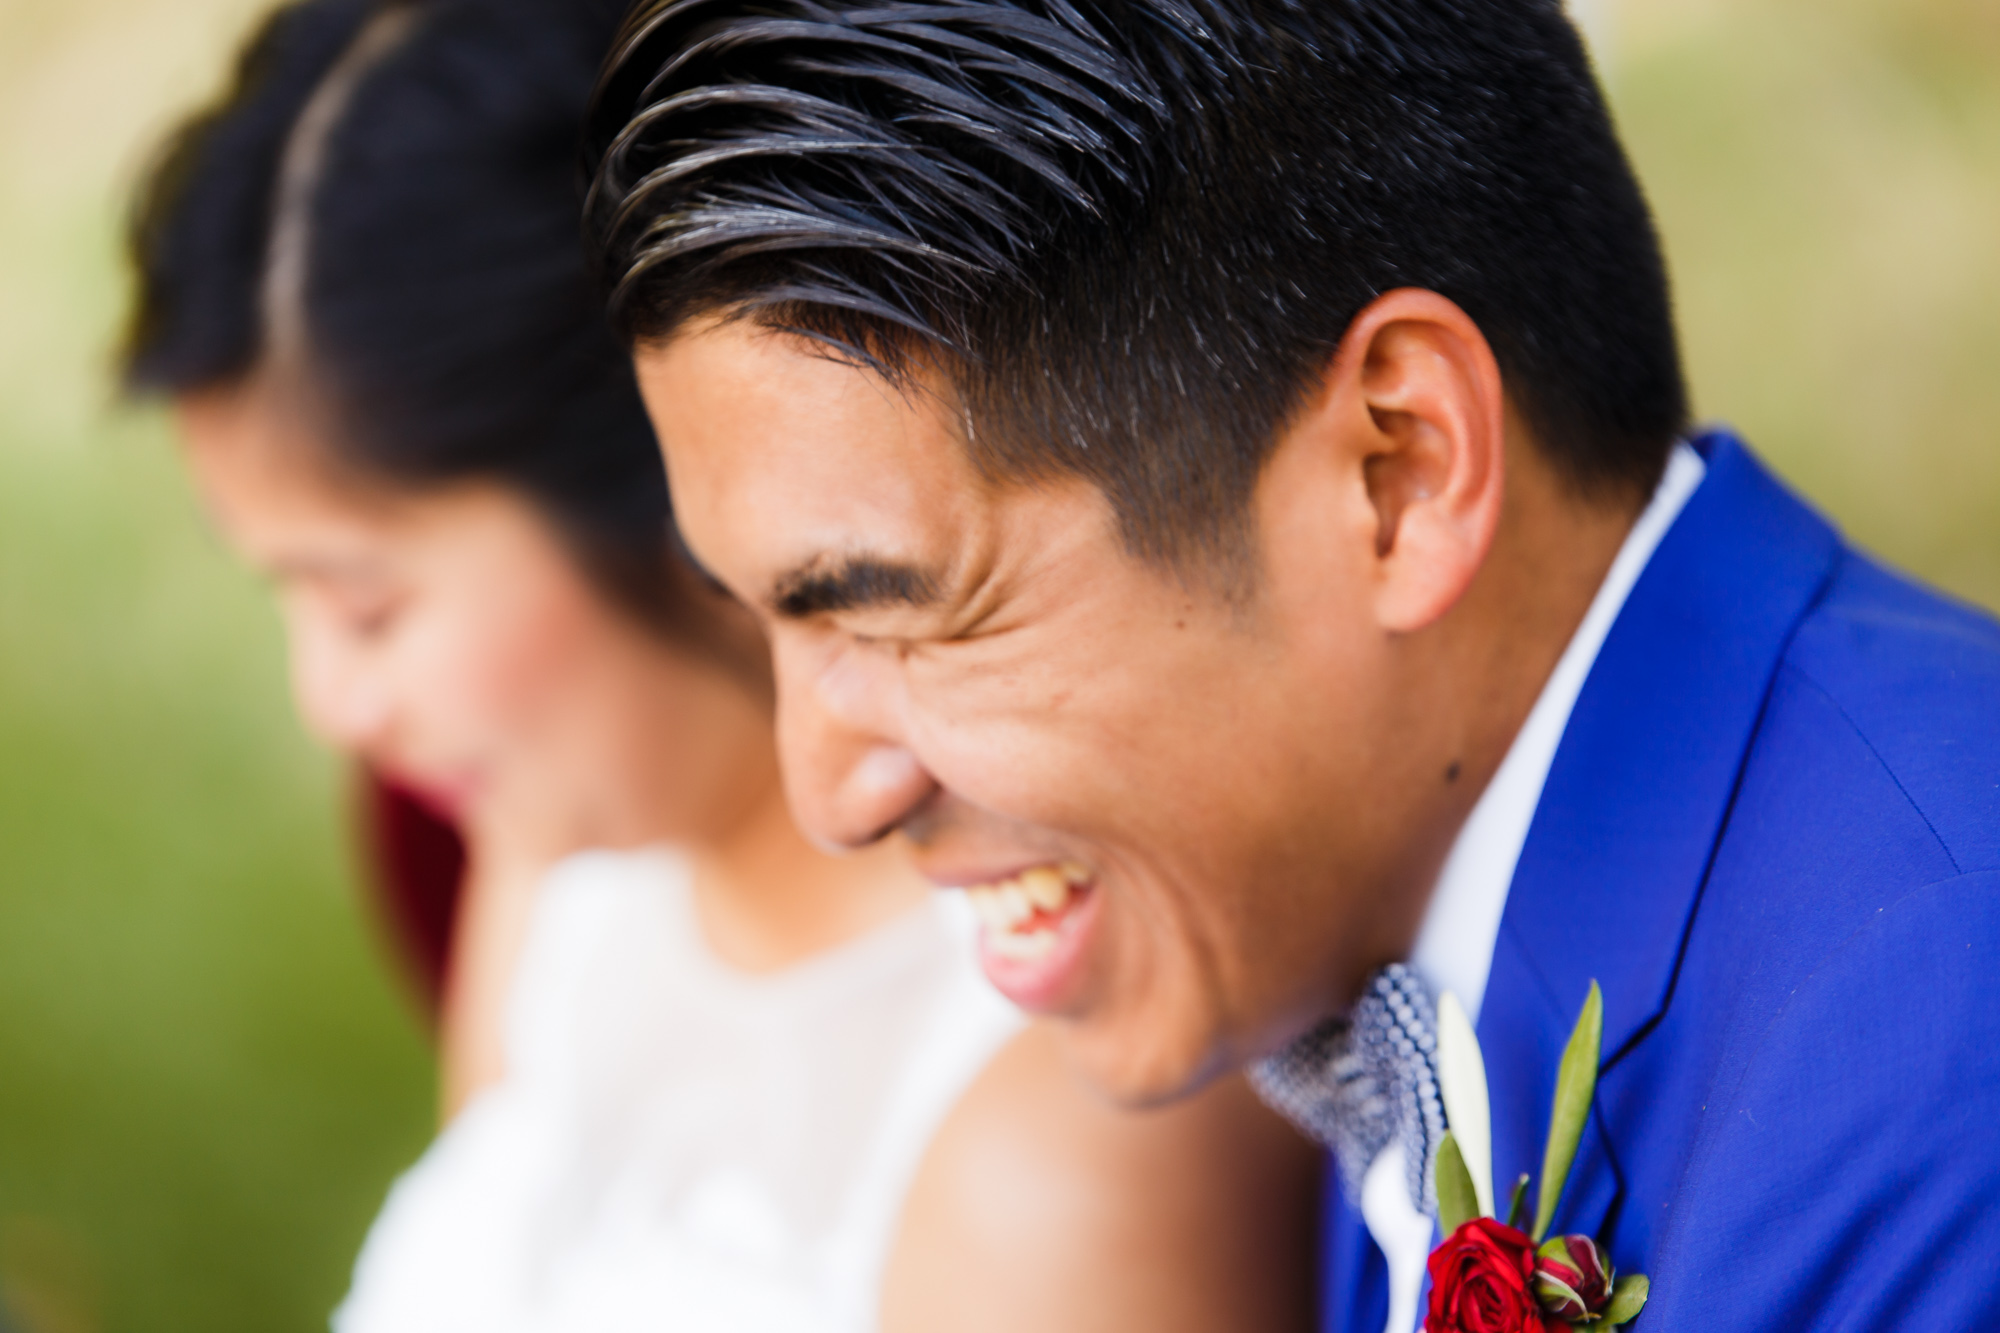 Mariage au Manoir des Cygnes sourire du marié